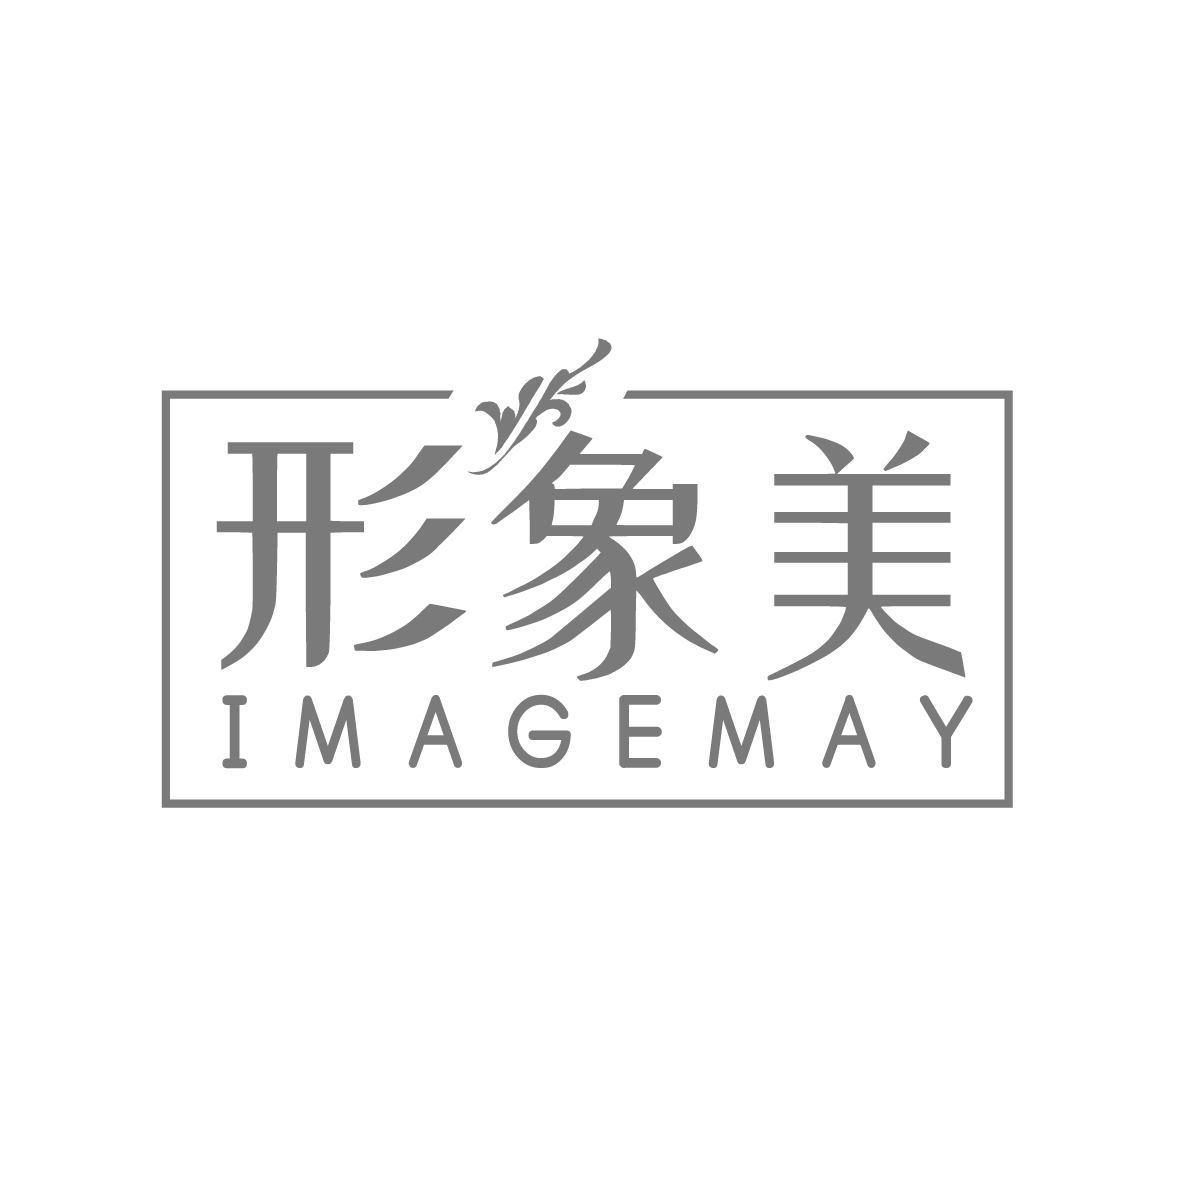 形象美IMAGEMAY